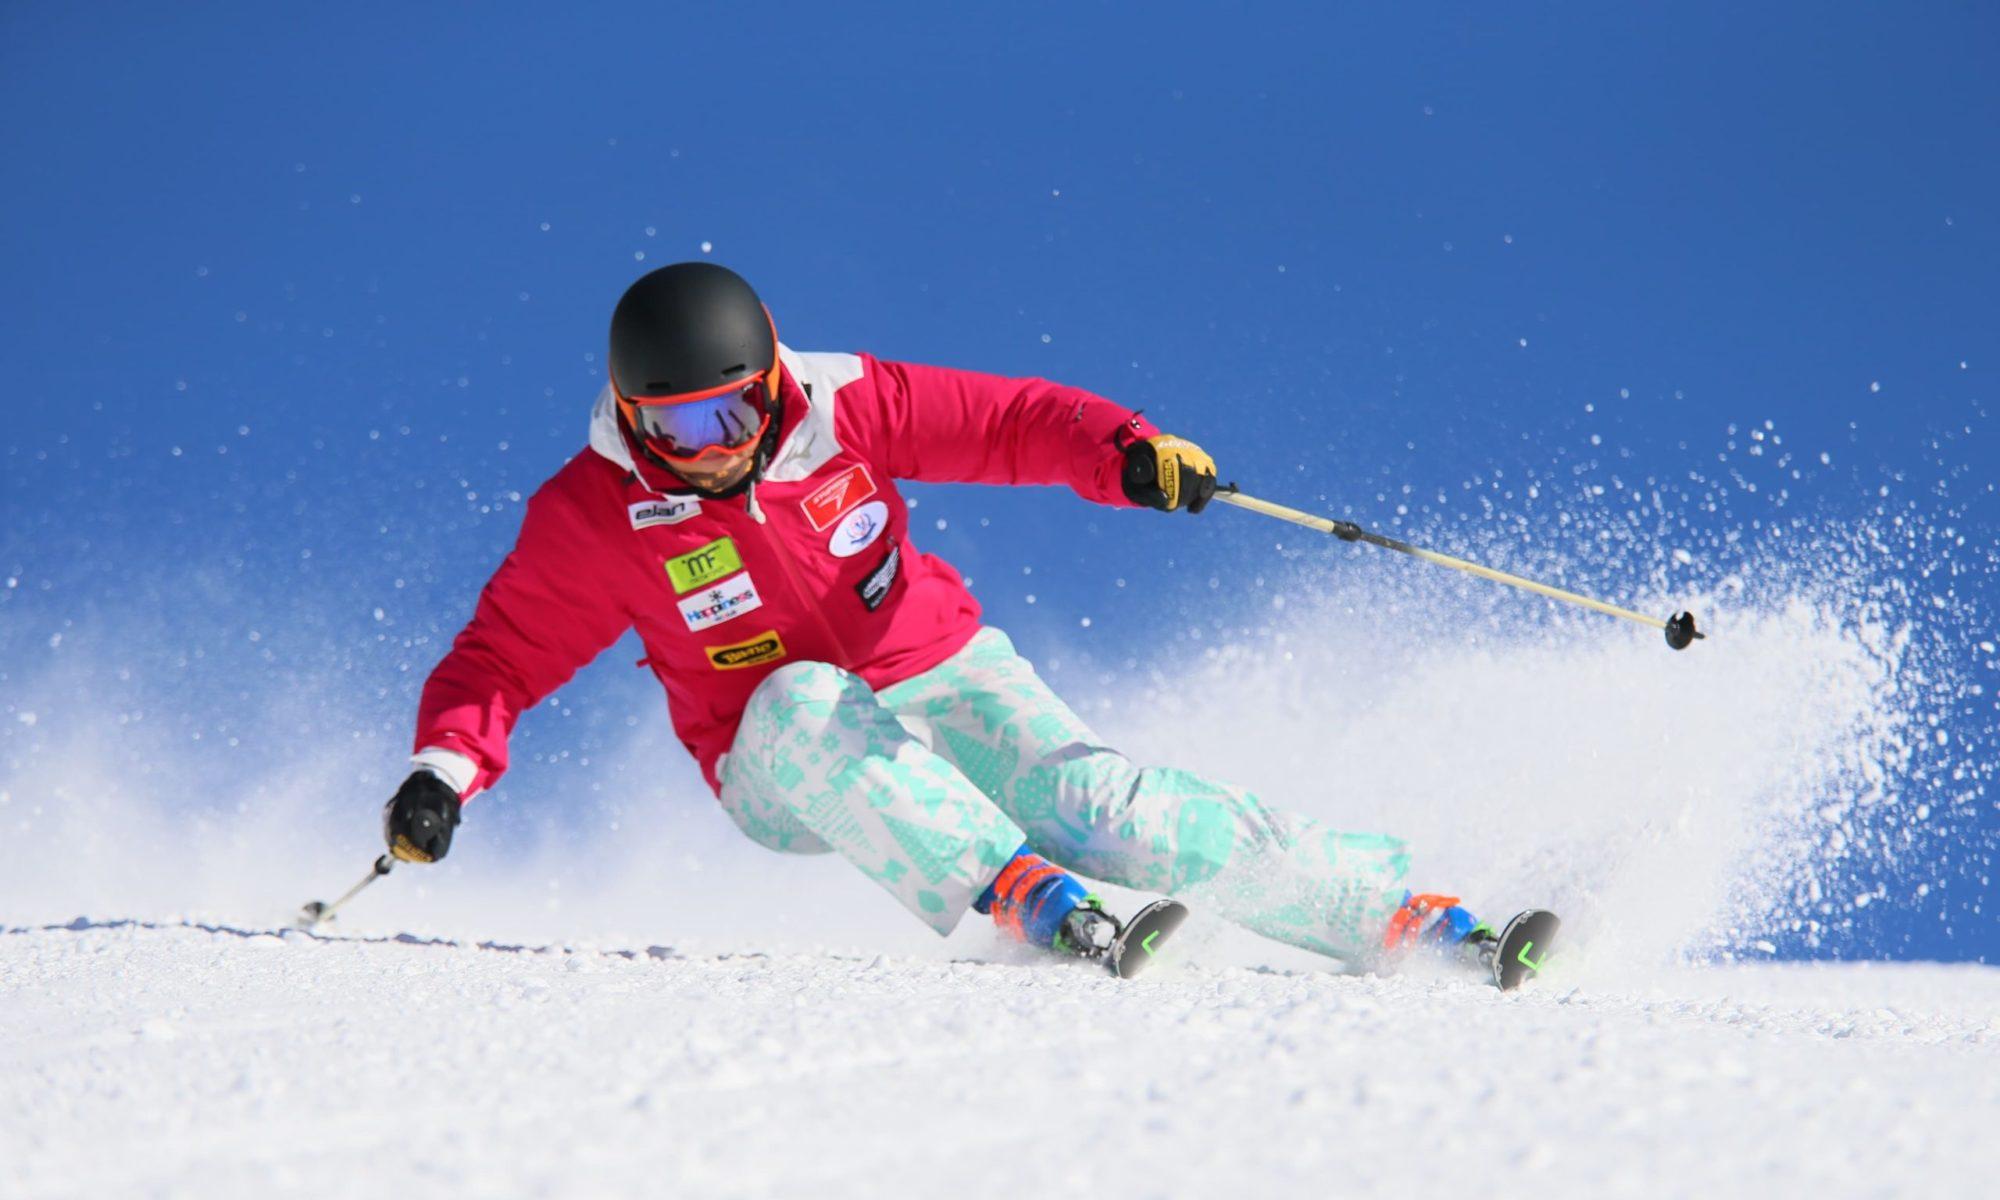 Happinessスキークラブ